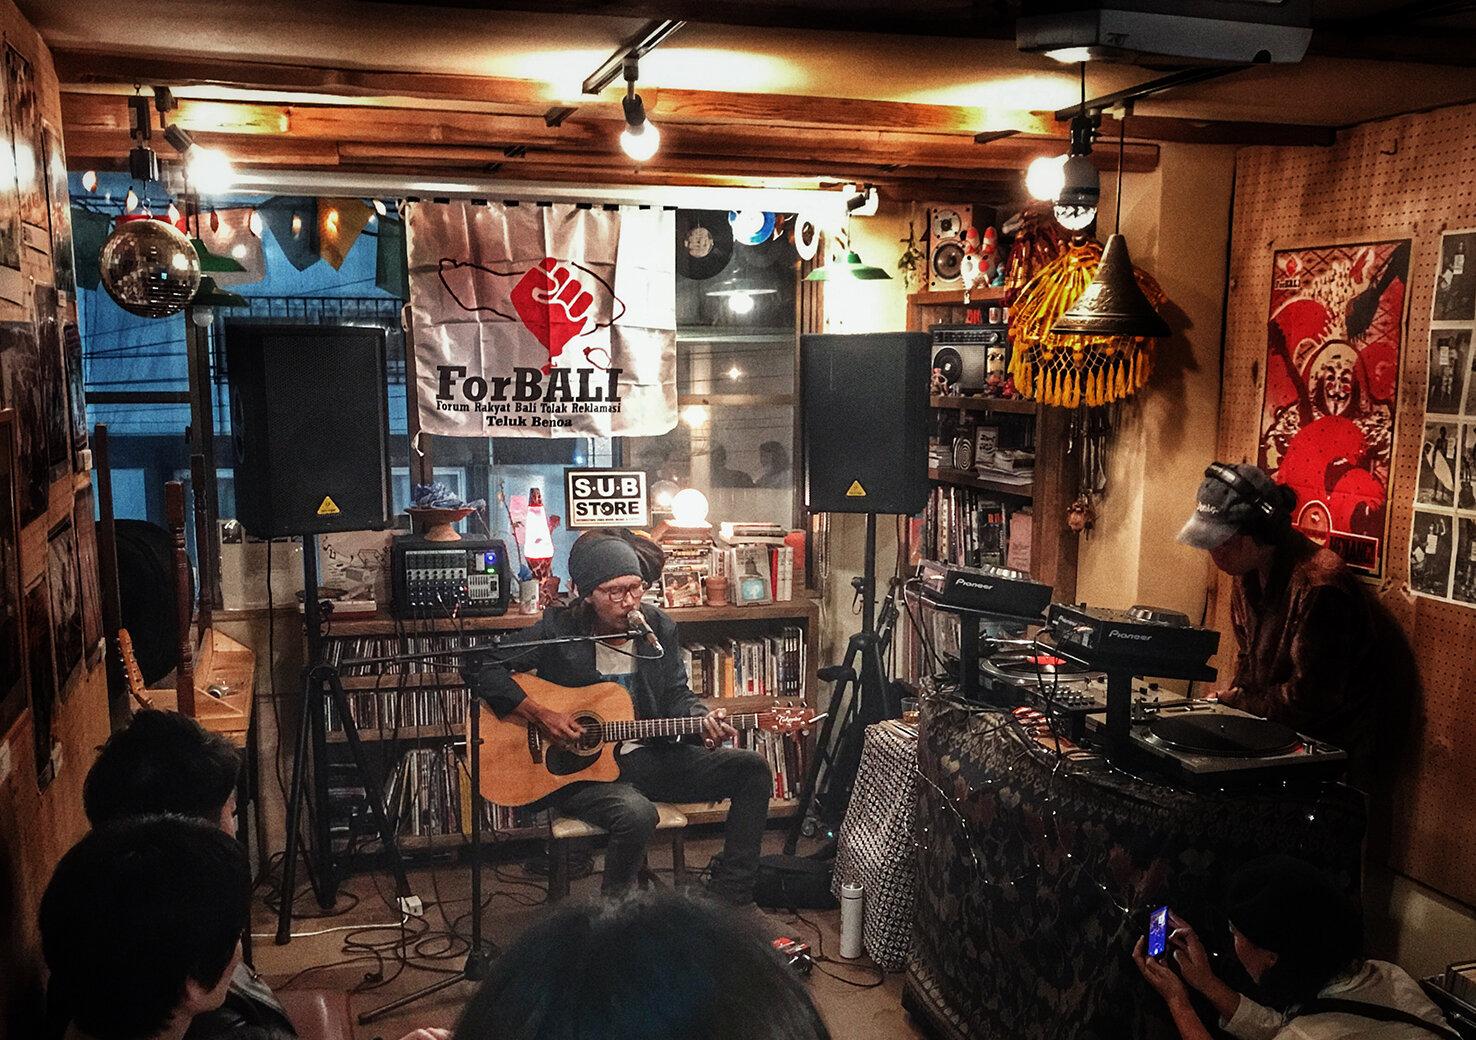 高円寺の裏通りに佇む多国籍なカフェバー「SUB Store」